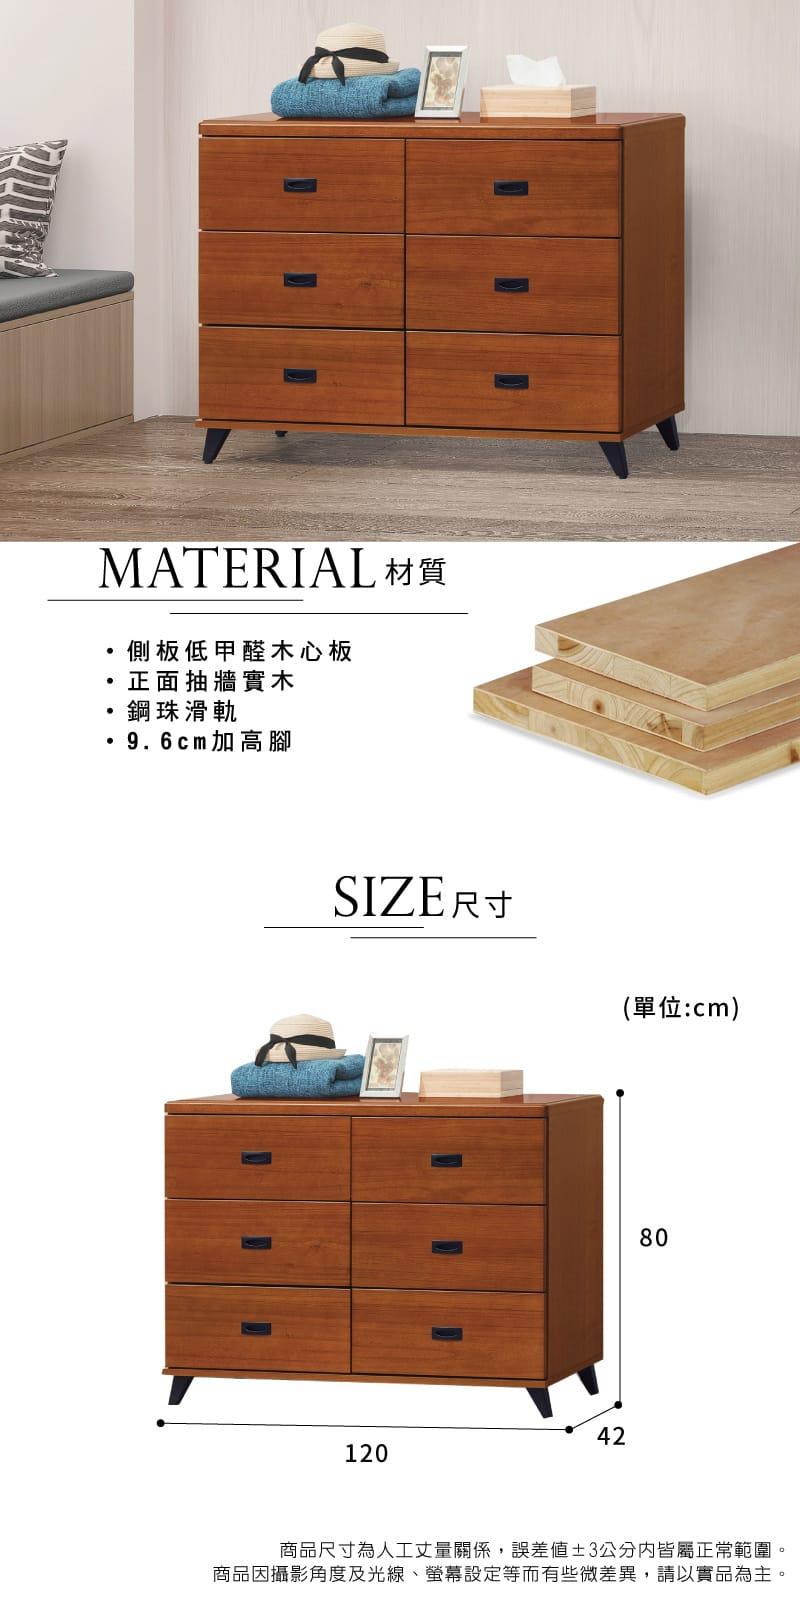 樟木收納置物六斗櫃 寬120cm